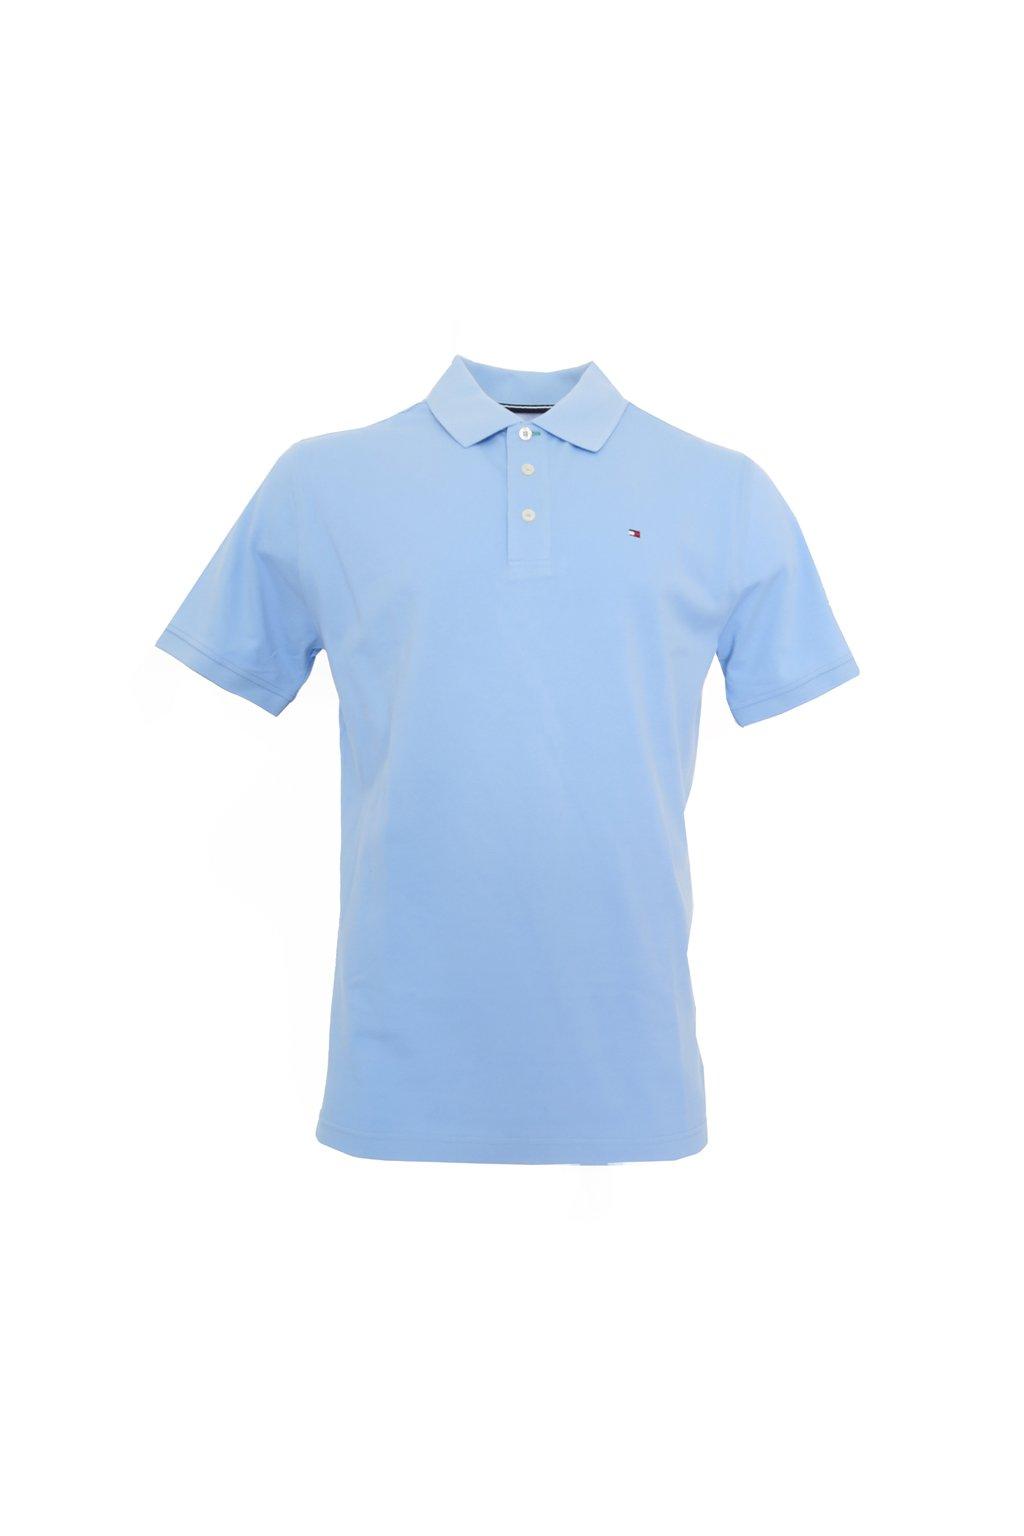 Tommy Hilfiger tričko s límečkem